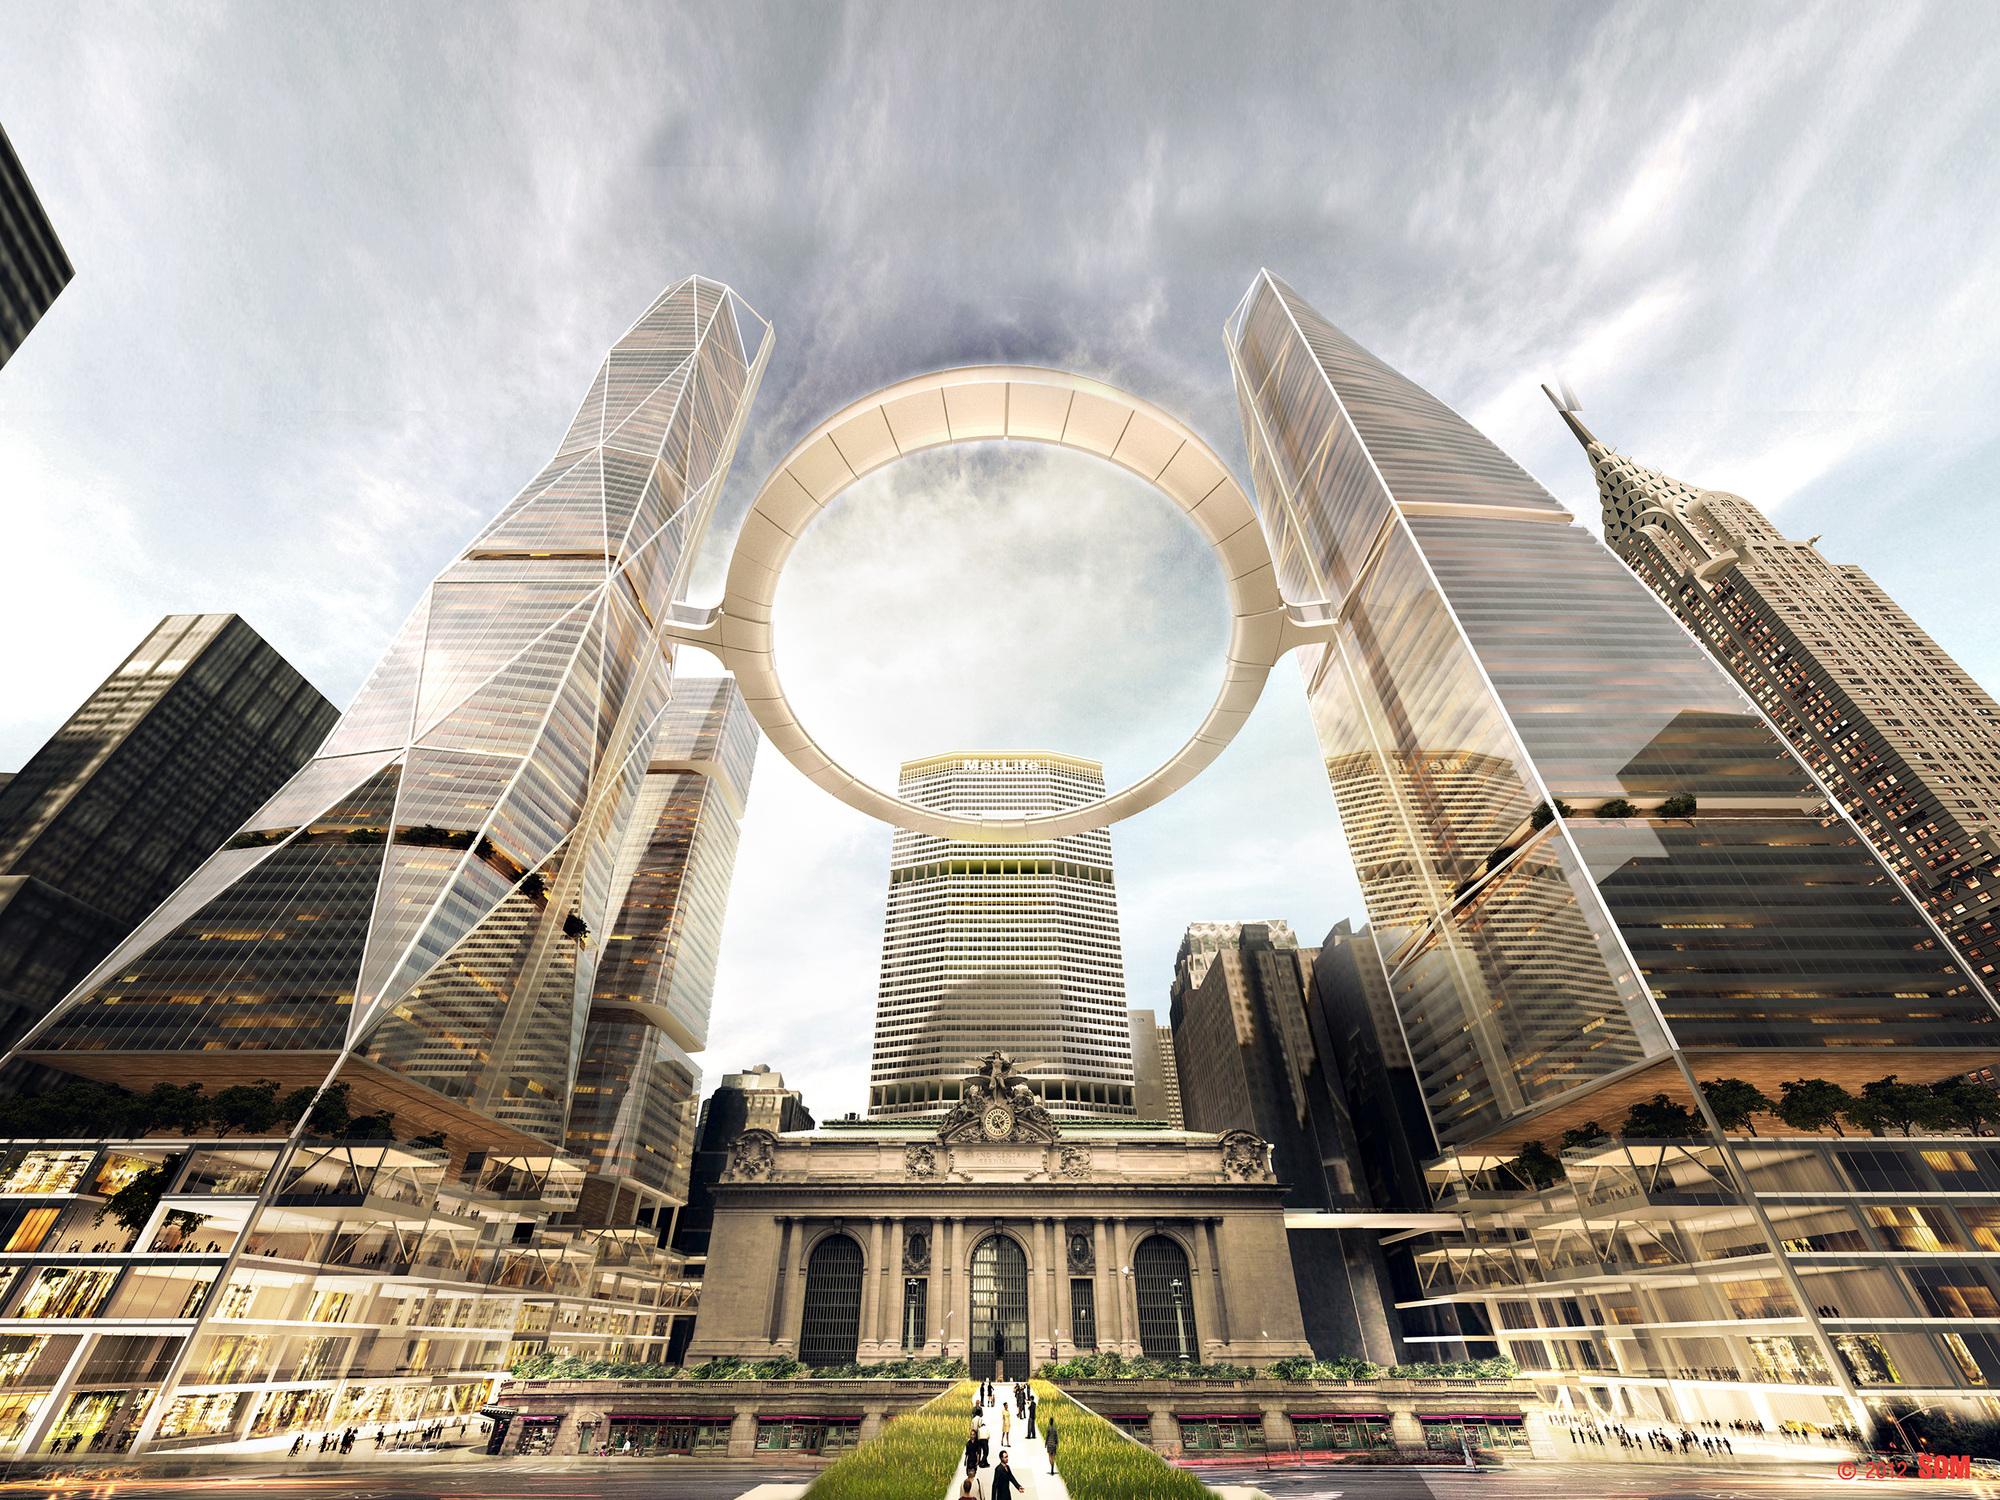 Proposta de SOM para a icônica Estação Central de Nova York, Cortesia de SOM